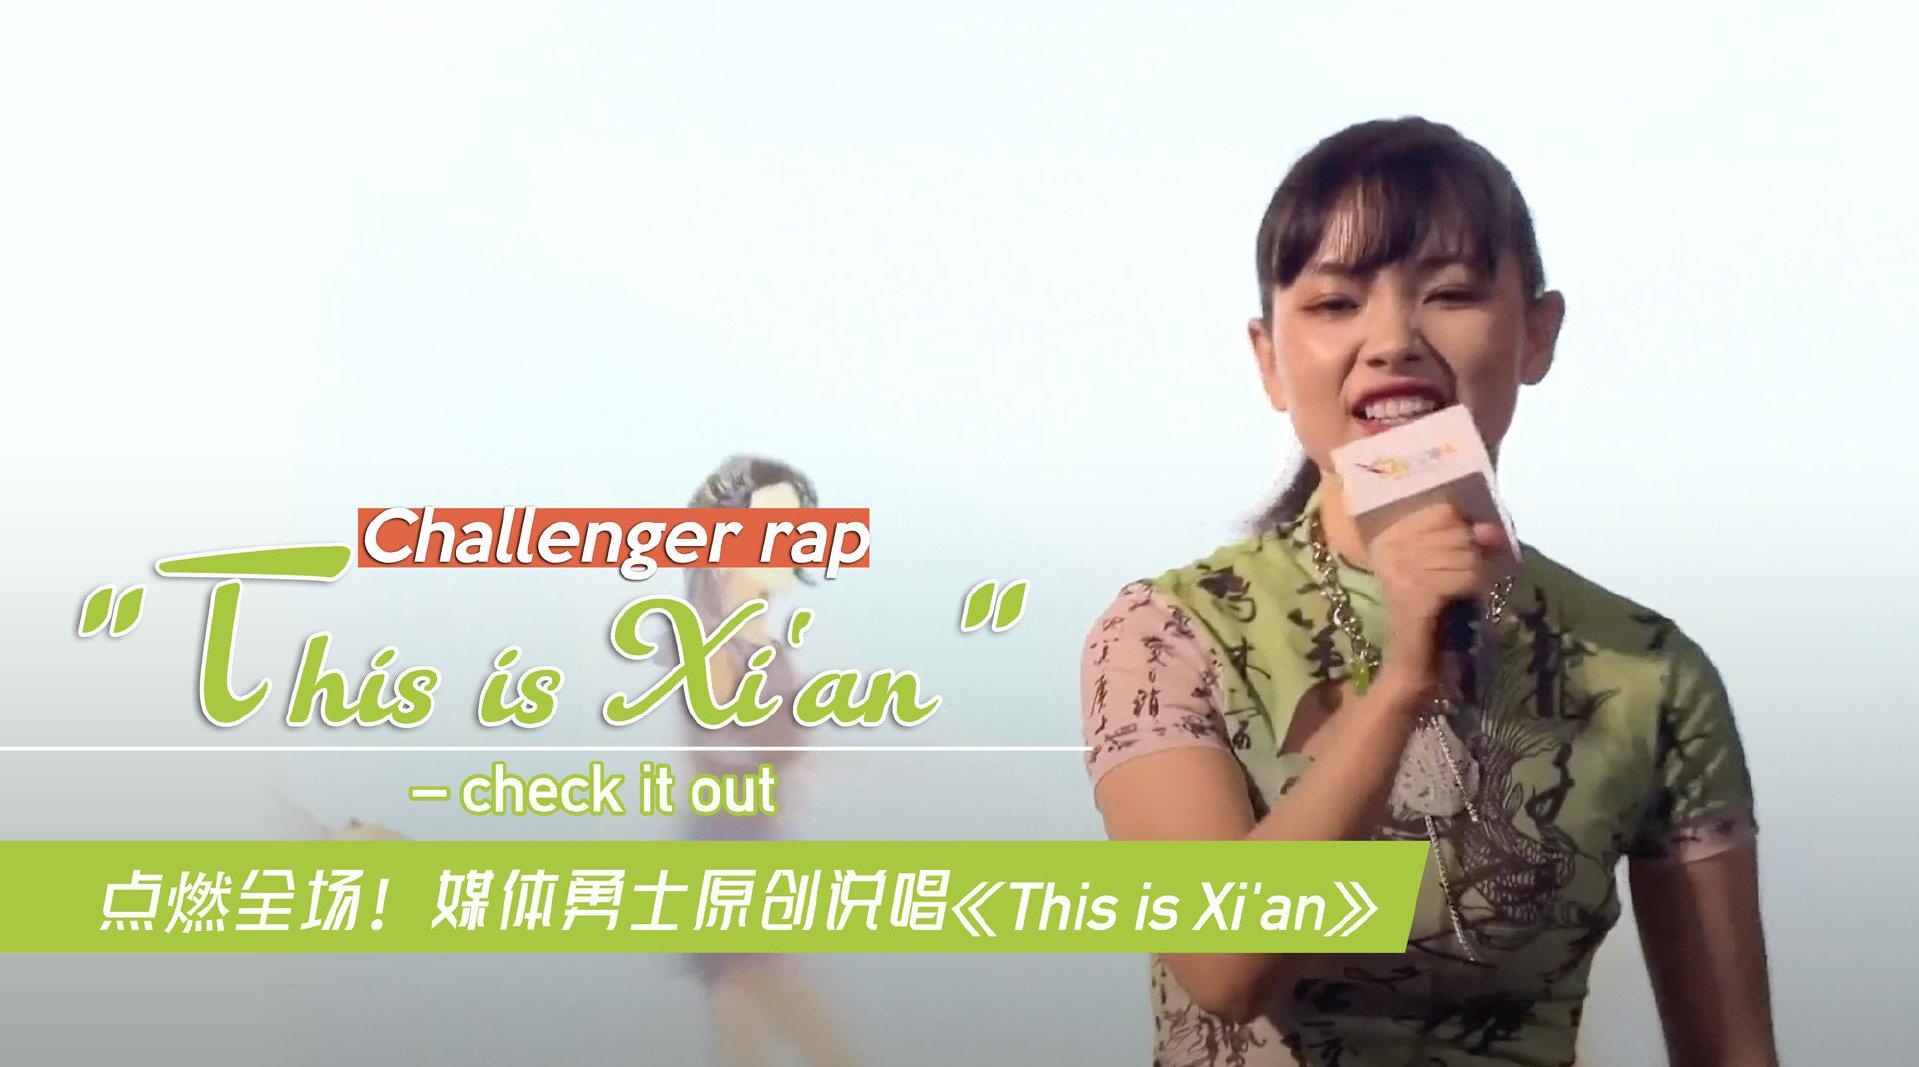 媒体勇士 原创说唱《This is Xi'an》